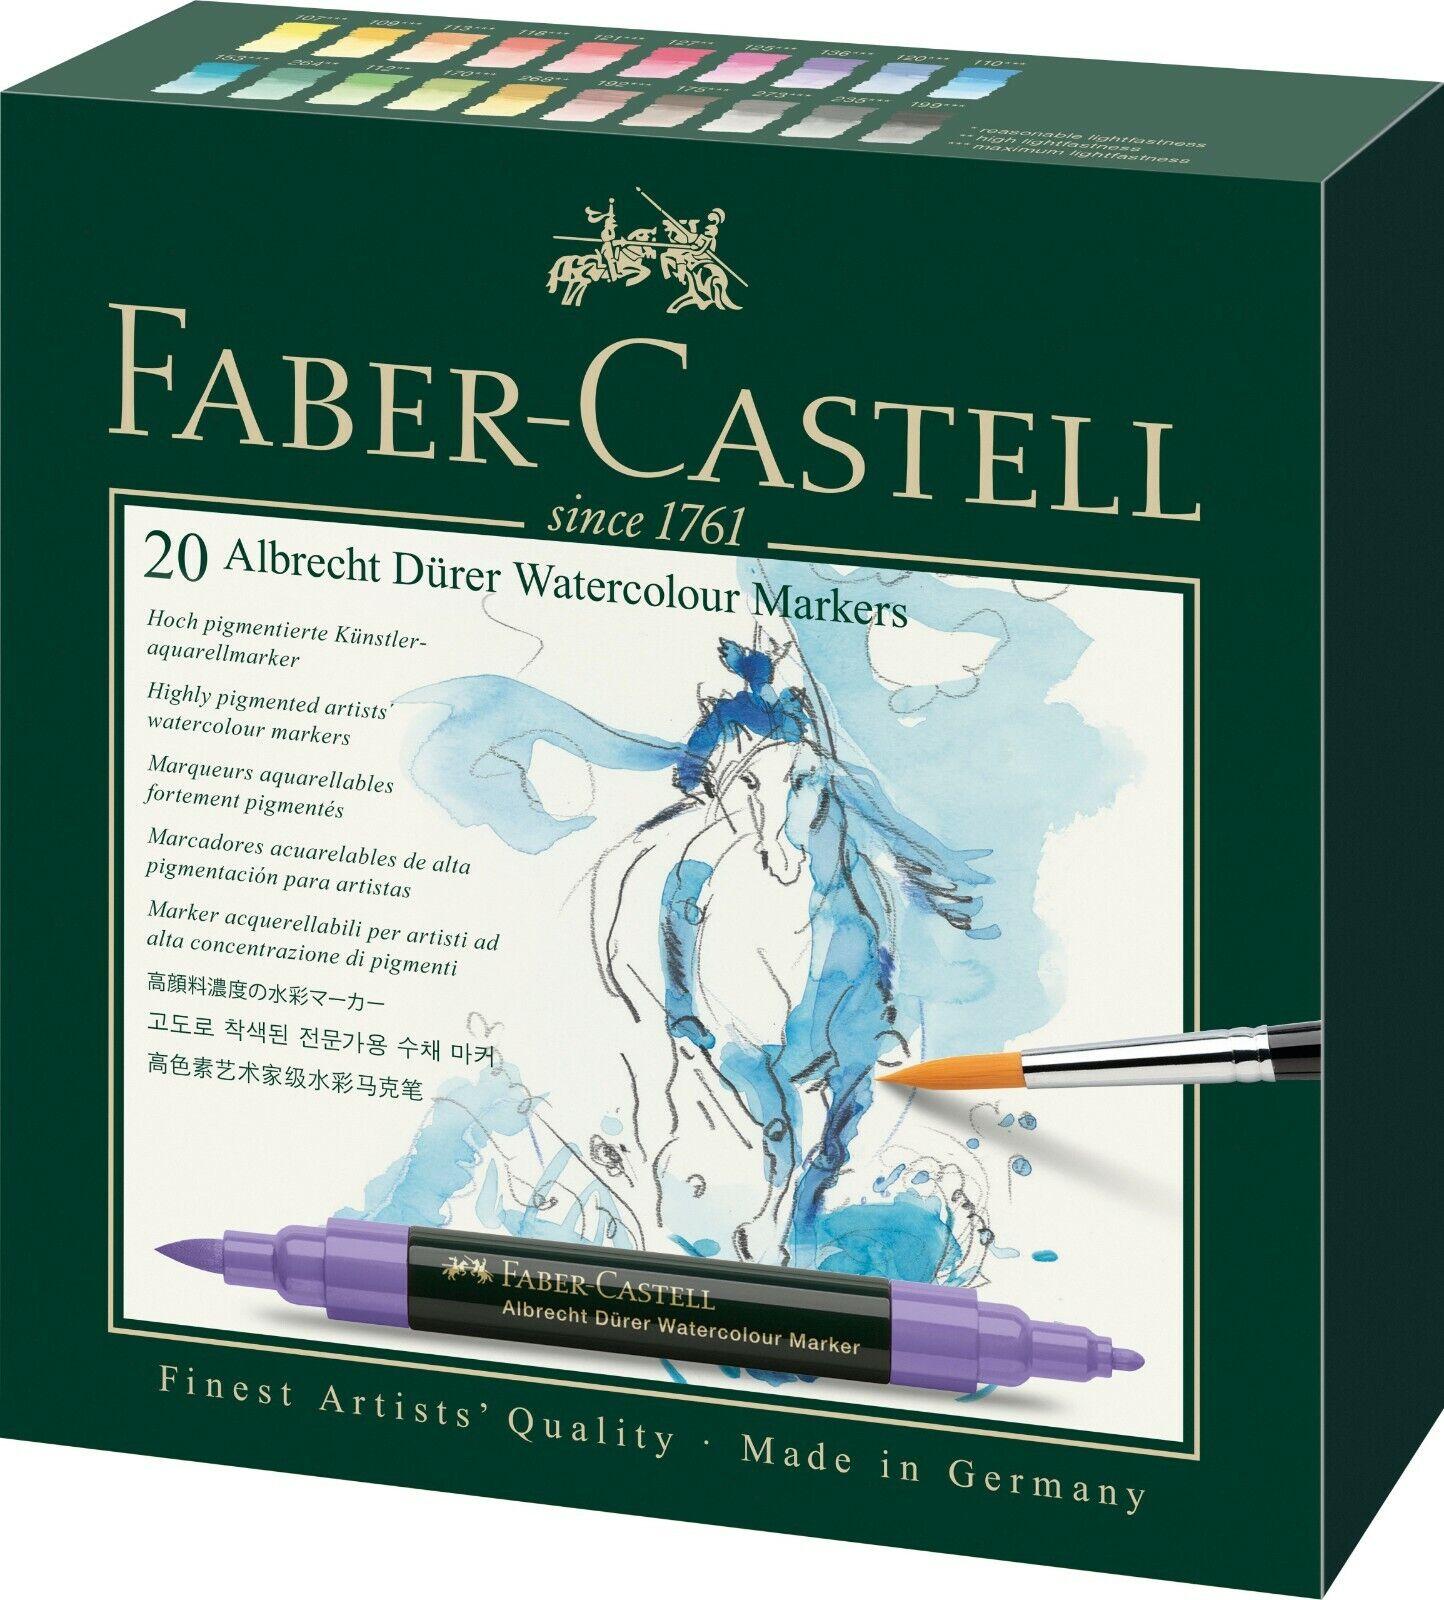 Faber Castell Aquarellmarker Albrecht Dürer 20er Etui | Deutschland Store  | Deutschland Shop  | Fein Verarbeitet